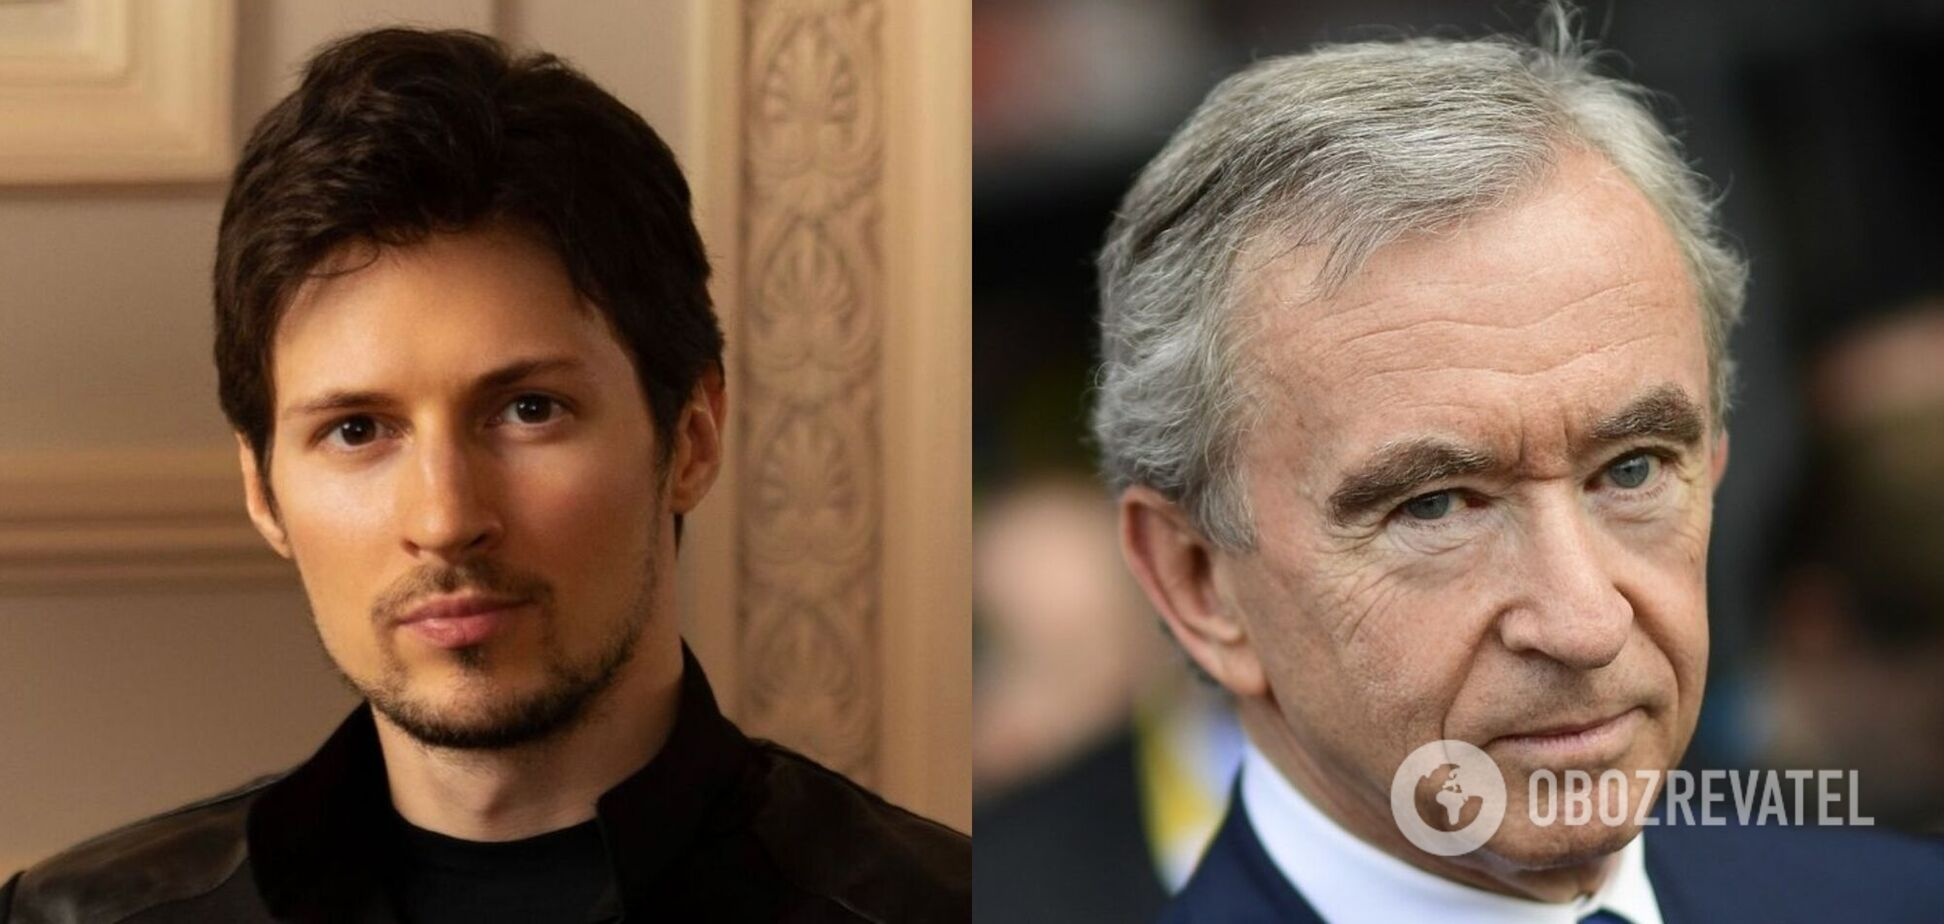 Как изменились Дуров, Баффет и другие миллиардеры с тех пор, как стали богатыми. Фото